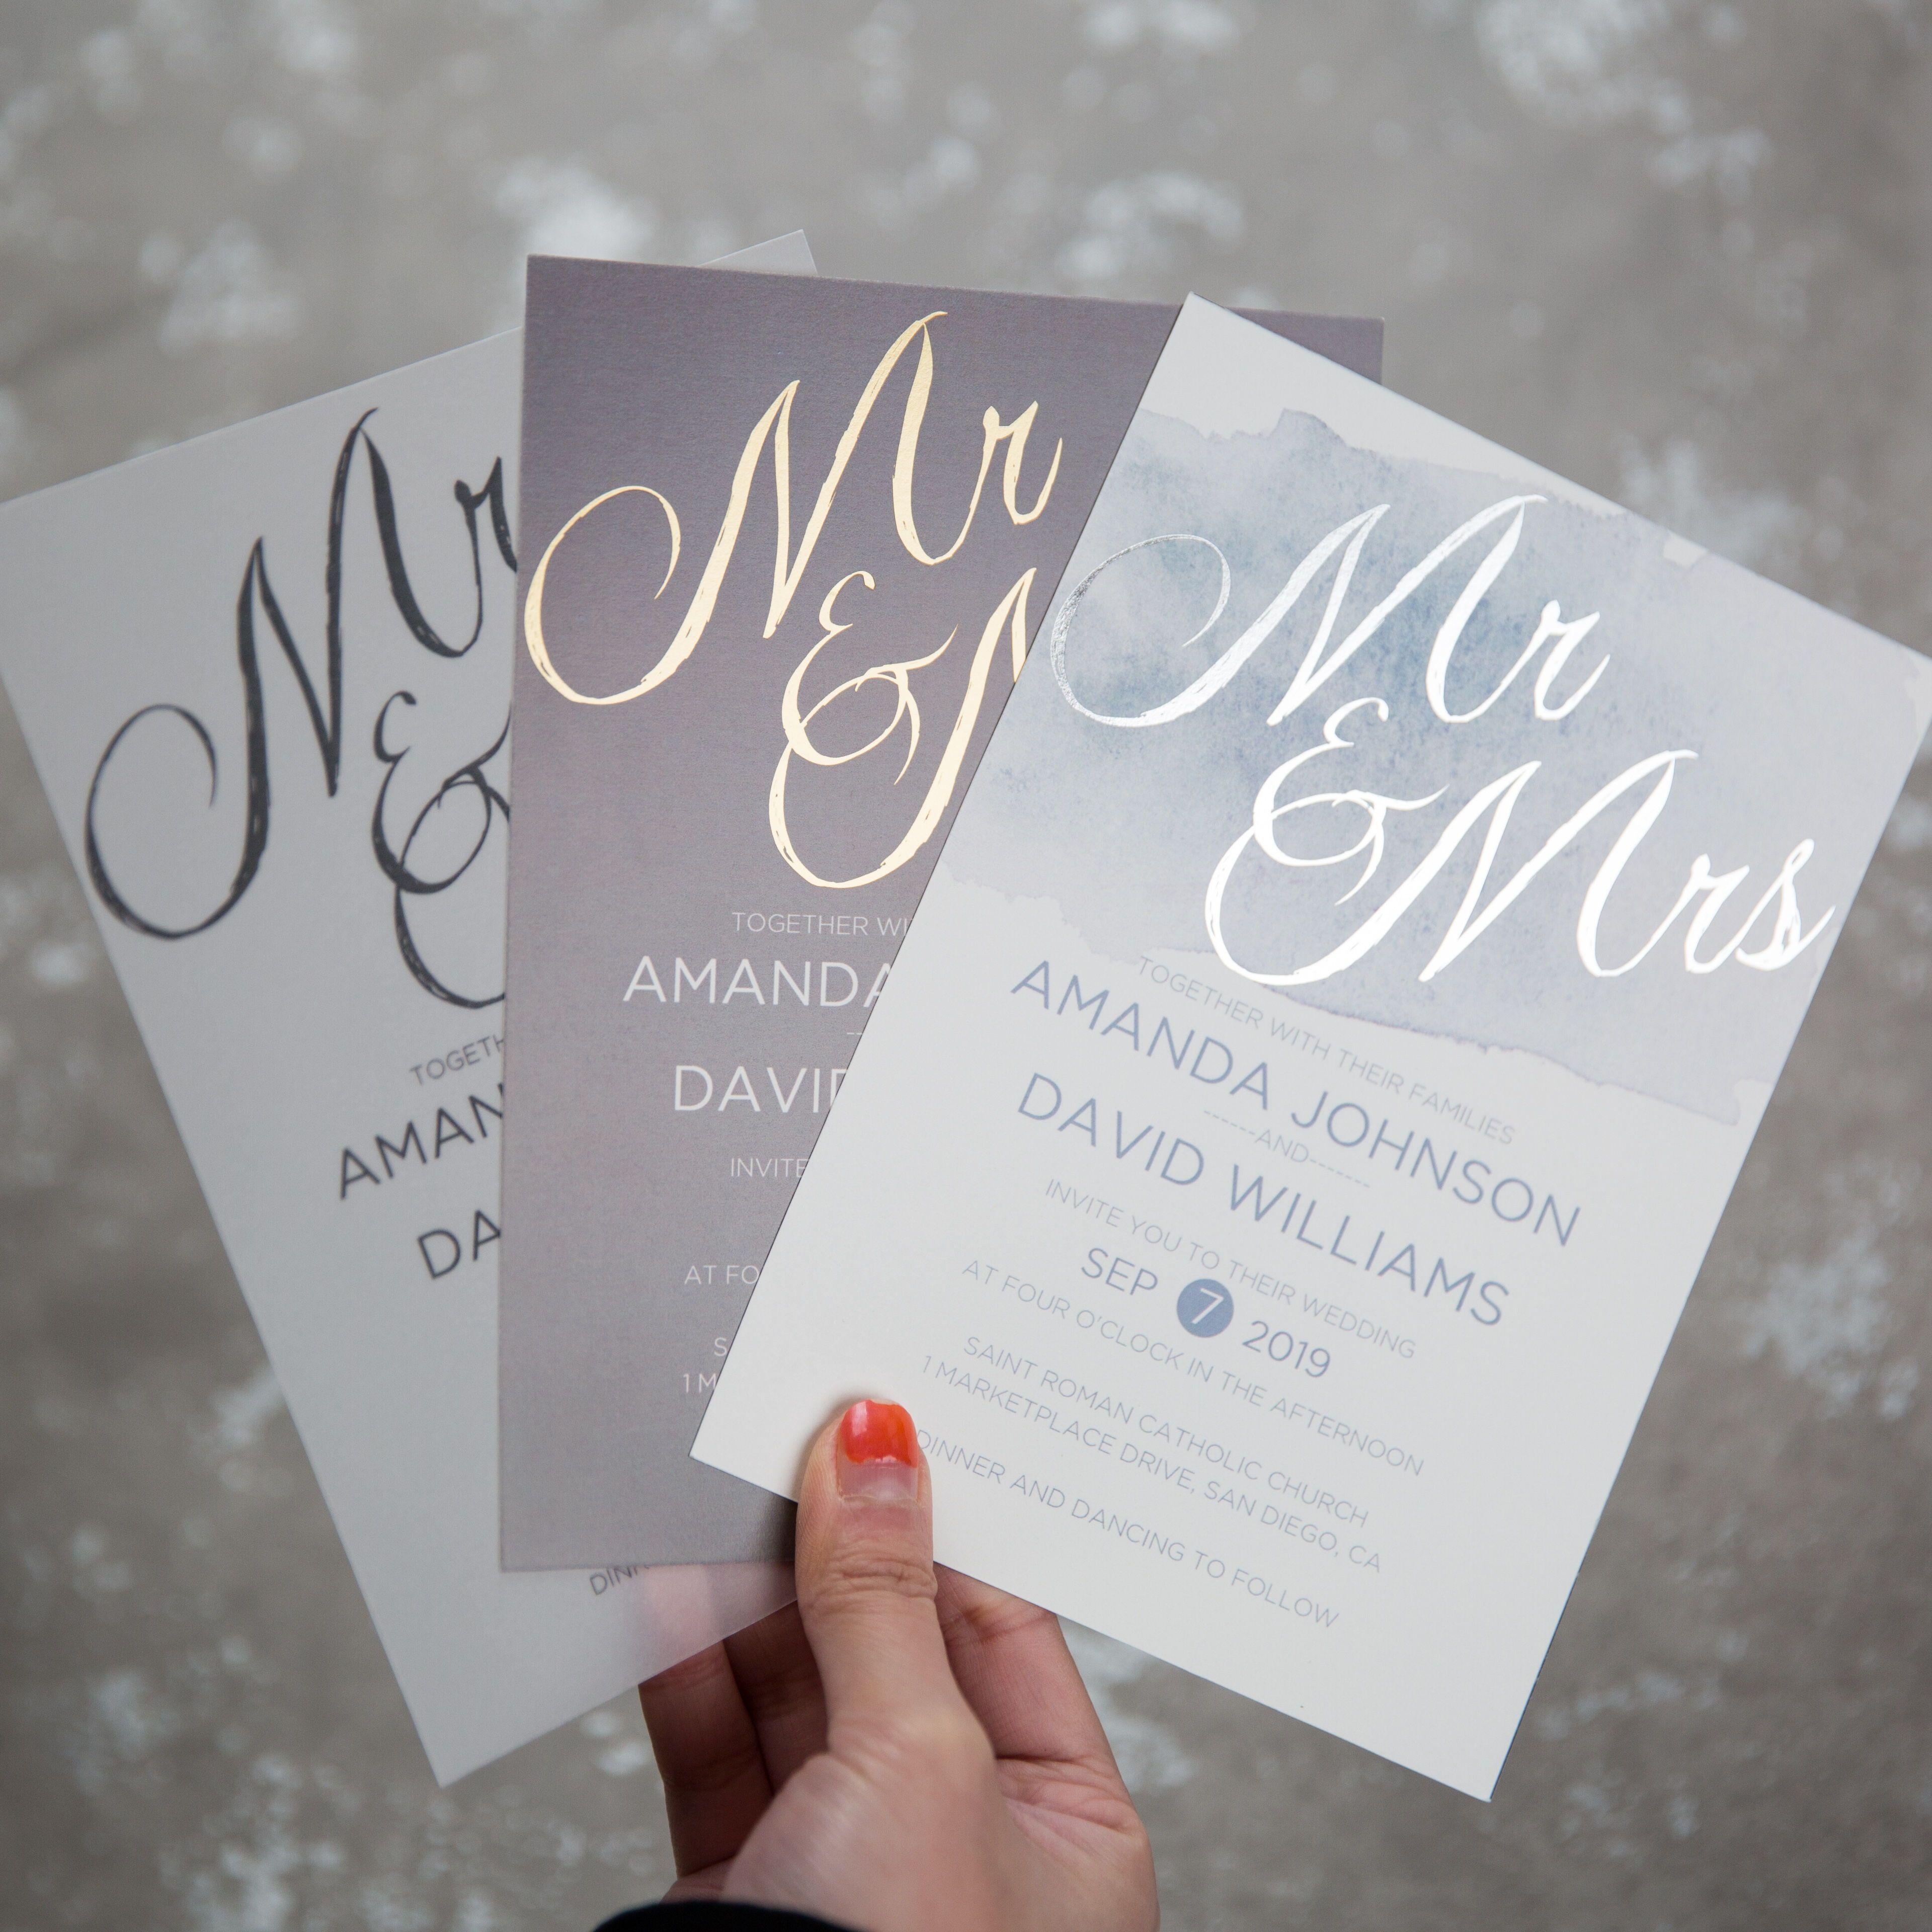 Shop Your Unique Wedding Invitations Online Stylishwedd Wedding Invitations Wedding Invitations Online Unique Wedding Invitations